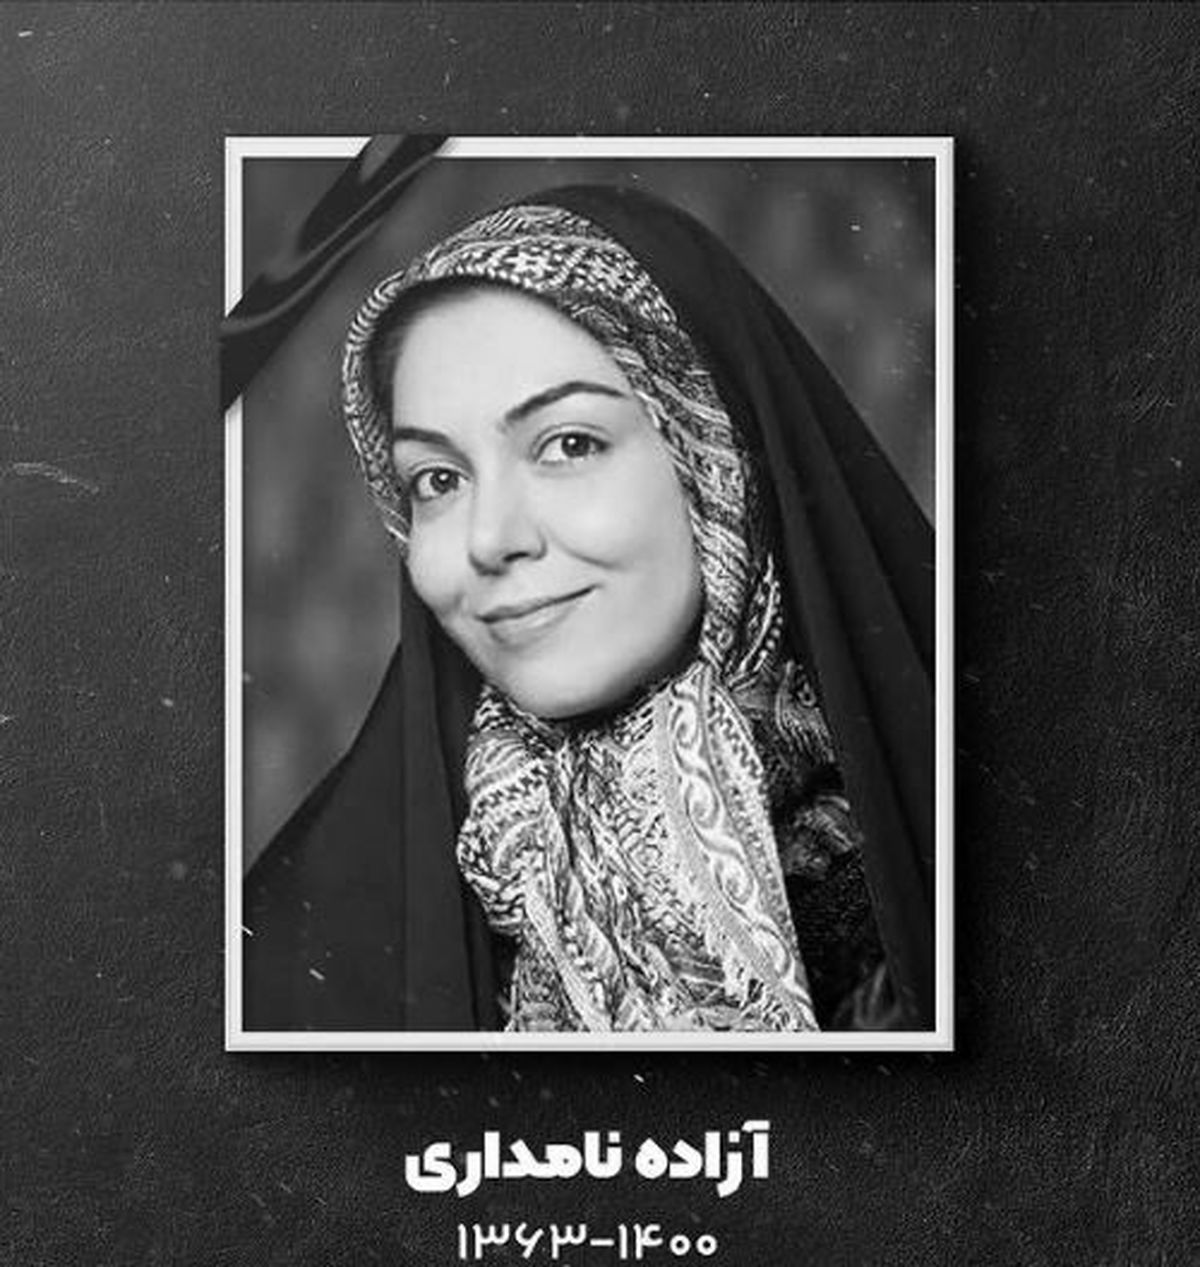 پاسخ پرویز پرستویی به شایعات مرگ آزاده نامداری +عکس